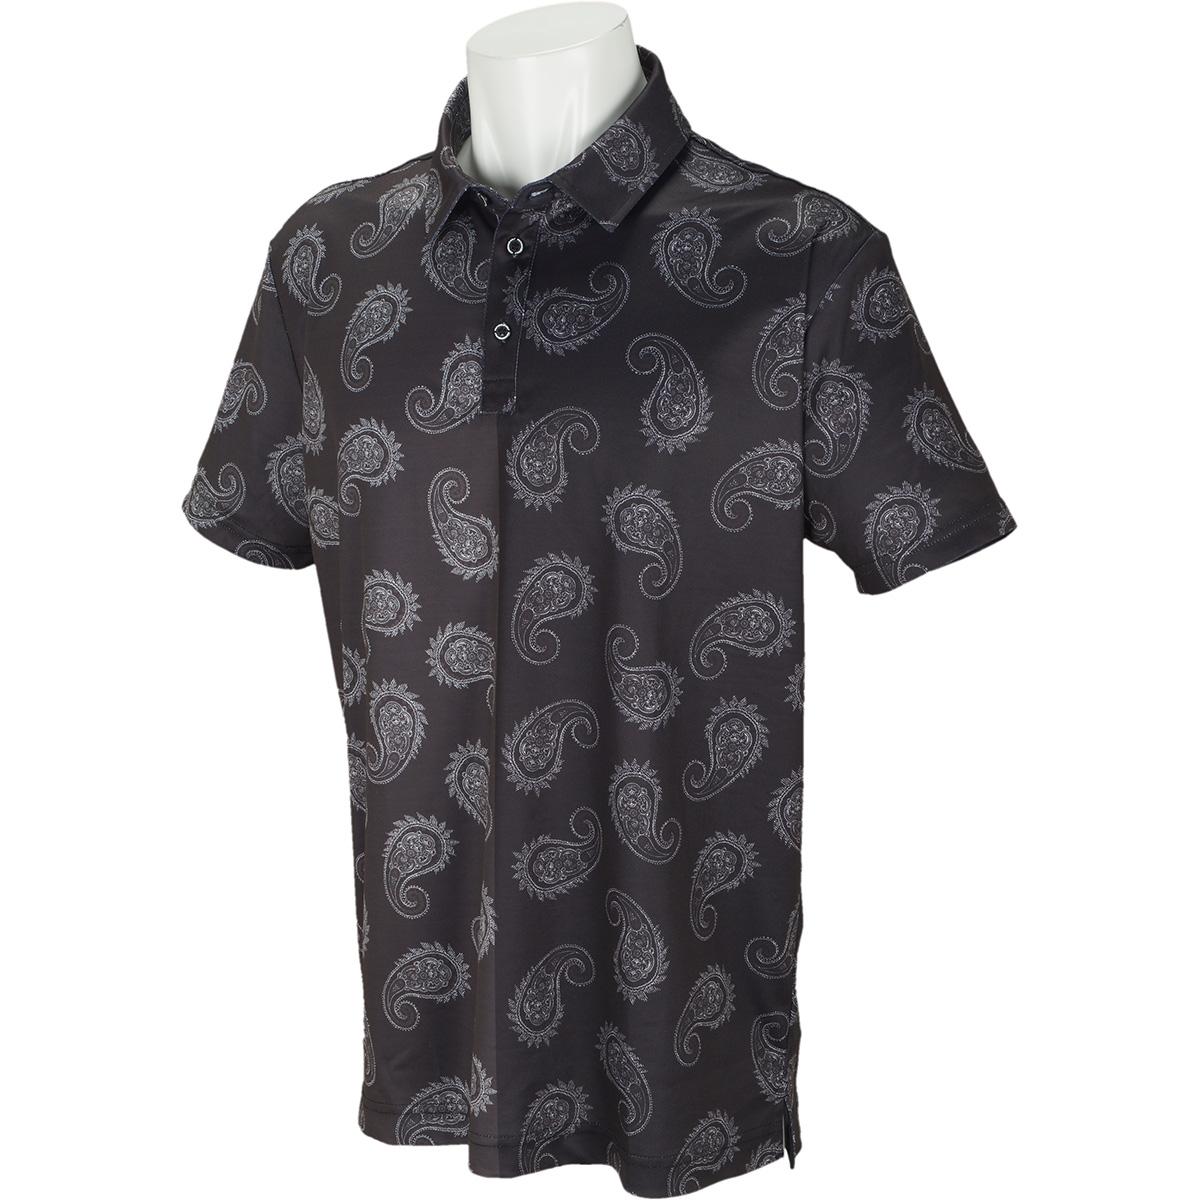 ハーフペイズリー半袖ポロシャツ